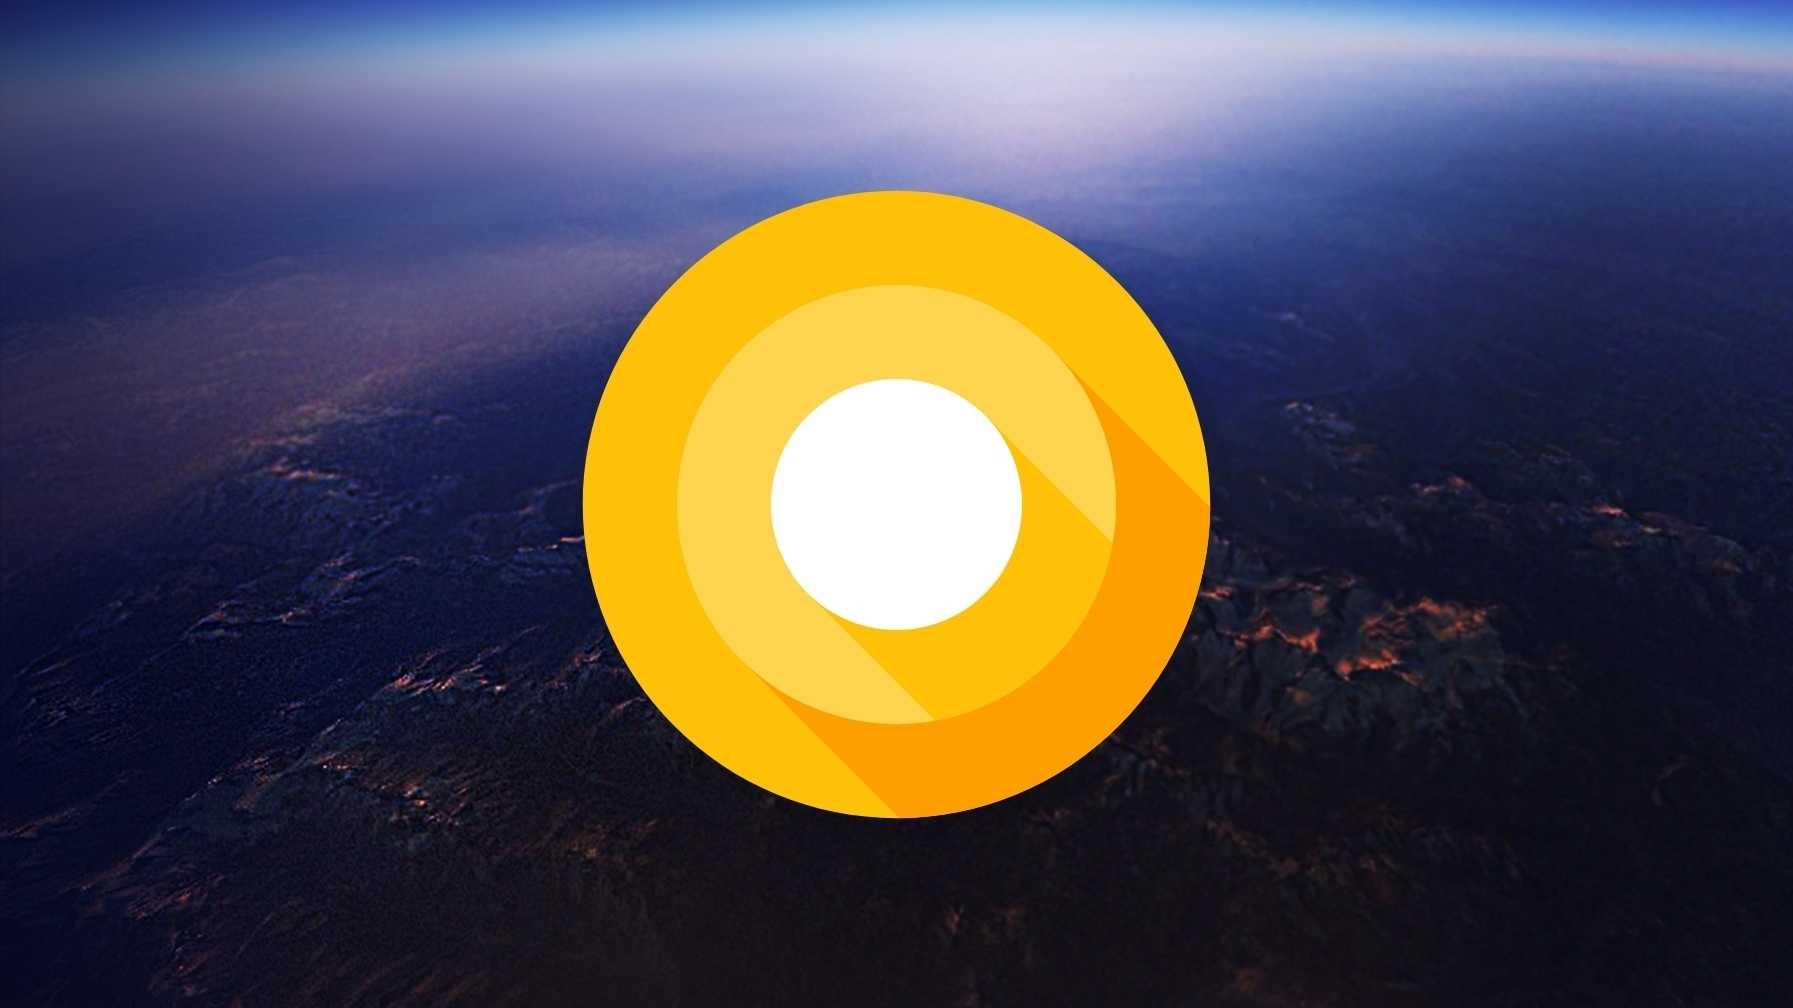 Android O ausprobiert: Das ist neu, das wird anders